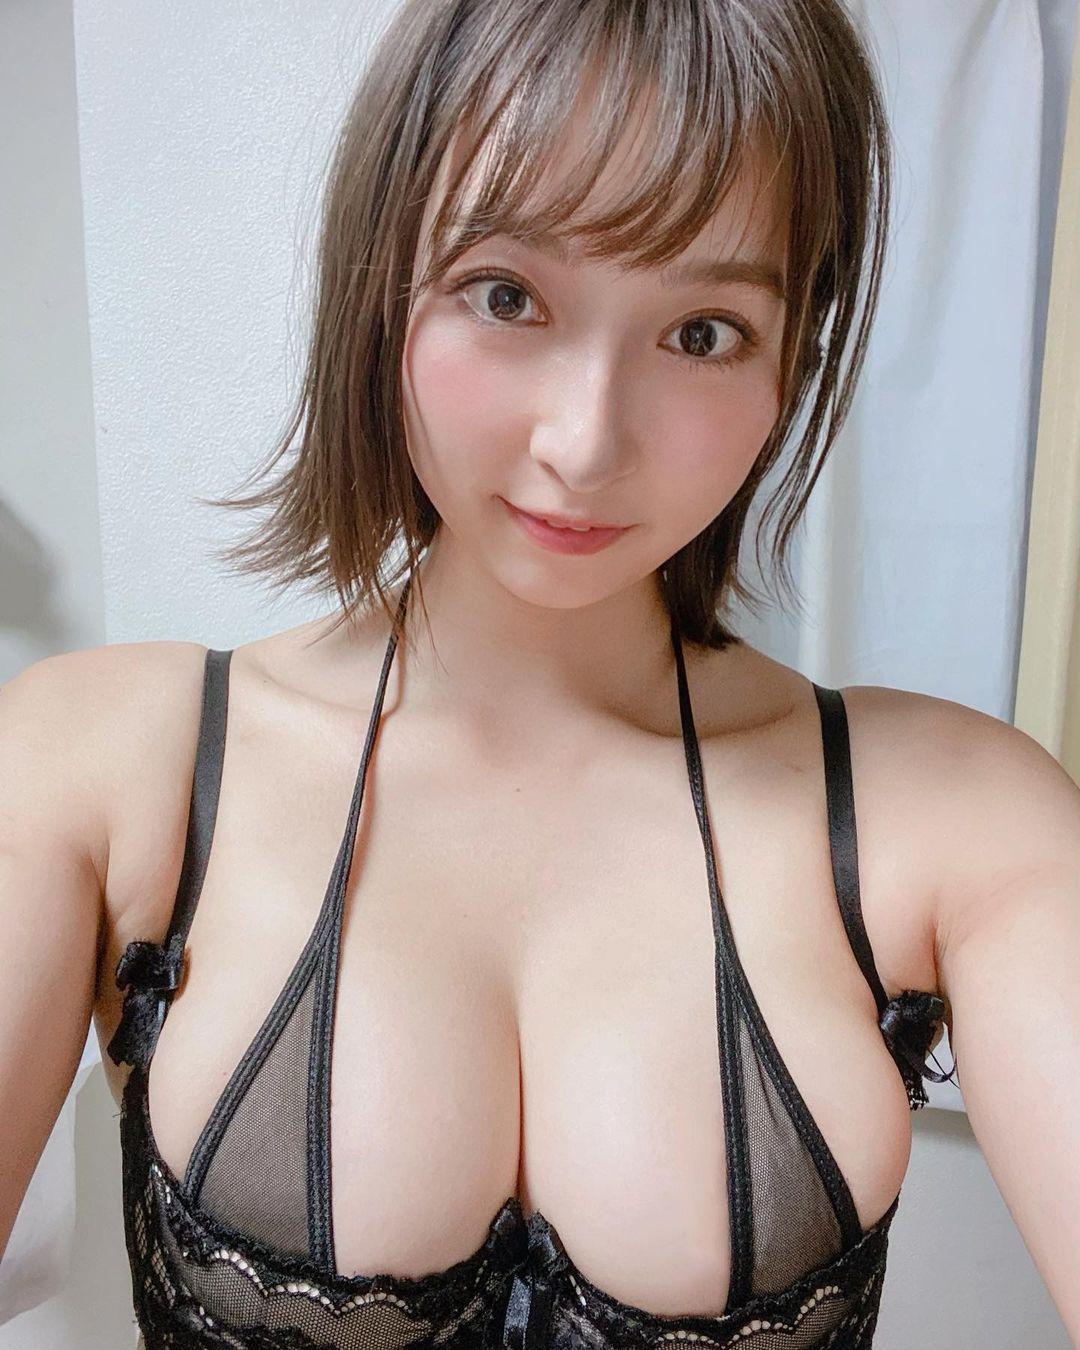 「緒方咲」神級臀腿曲線!!!背後露「丁褲線」工口味炸裂 - 亞洲美女 -